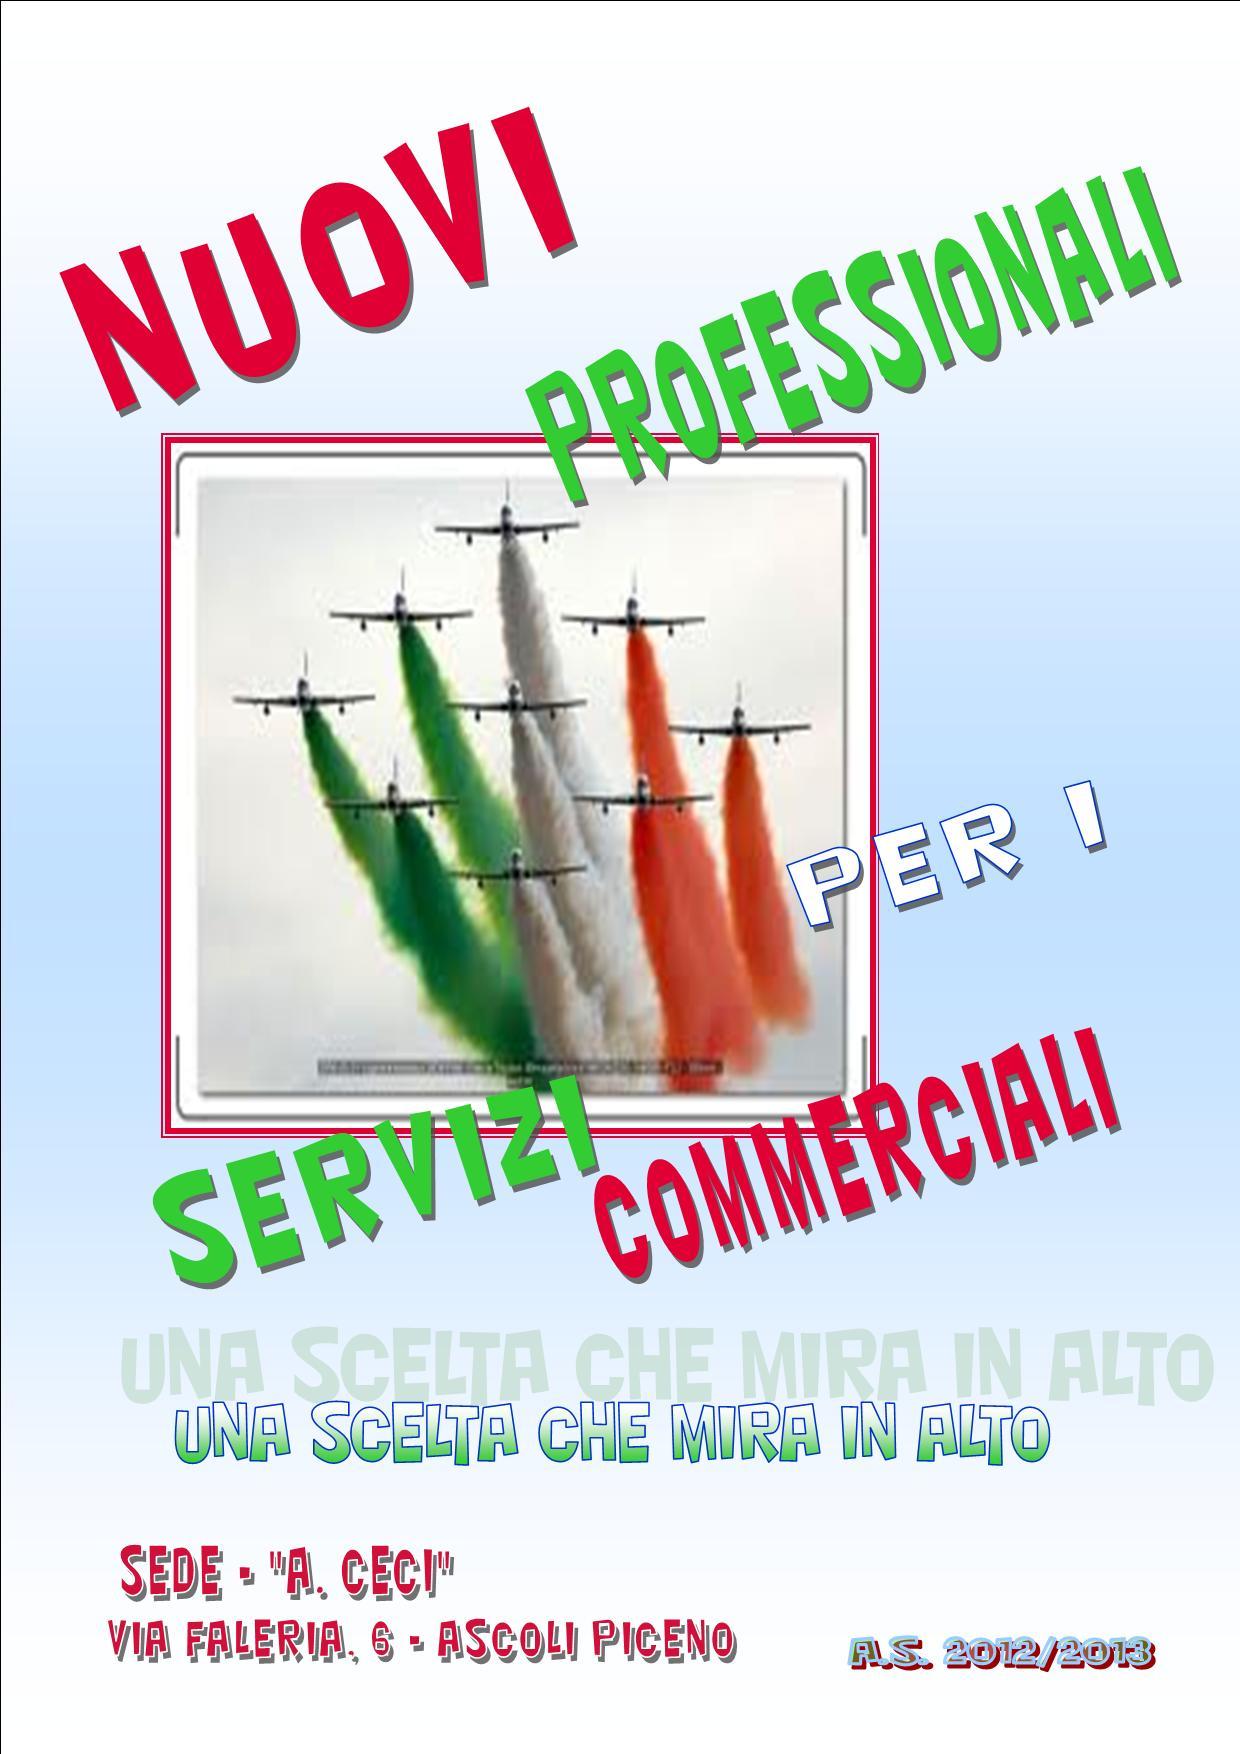 Istituto Augusto Ceci, PAGINA_3